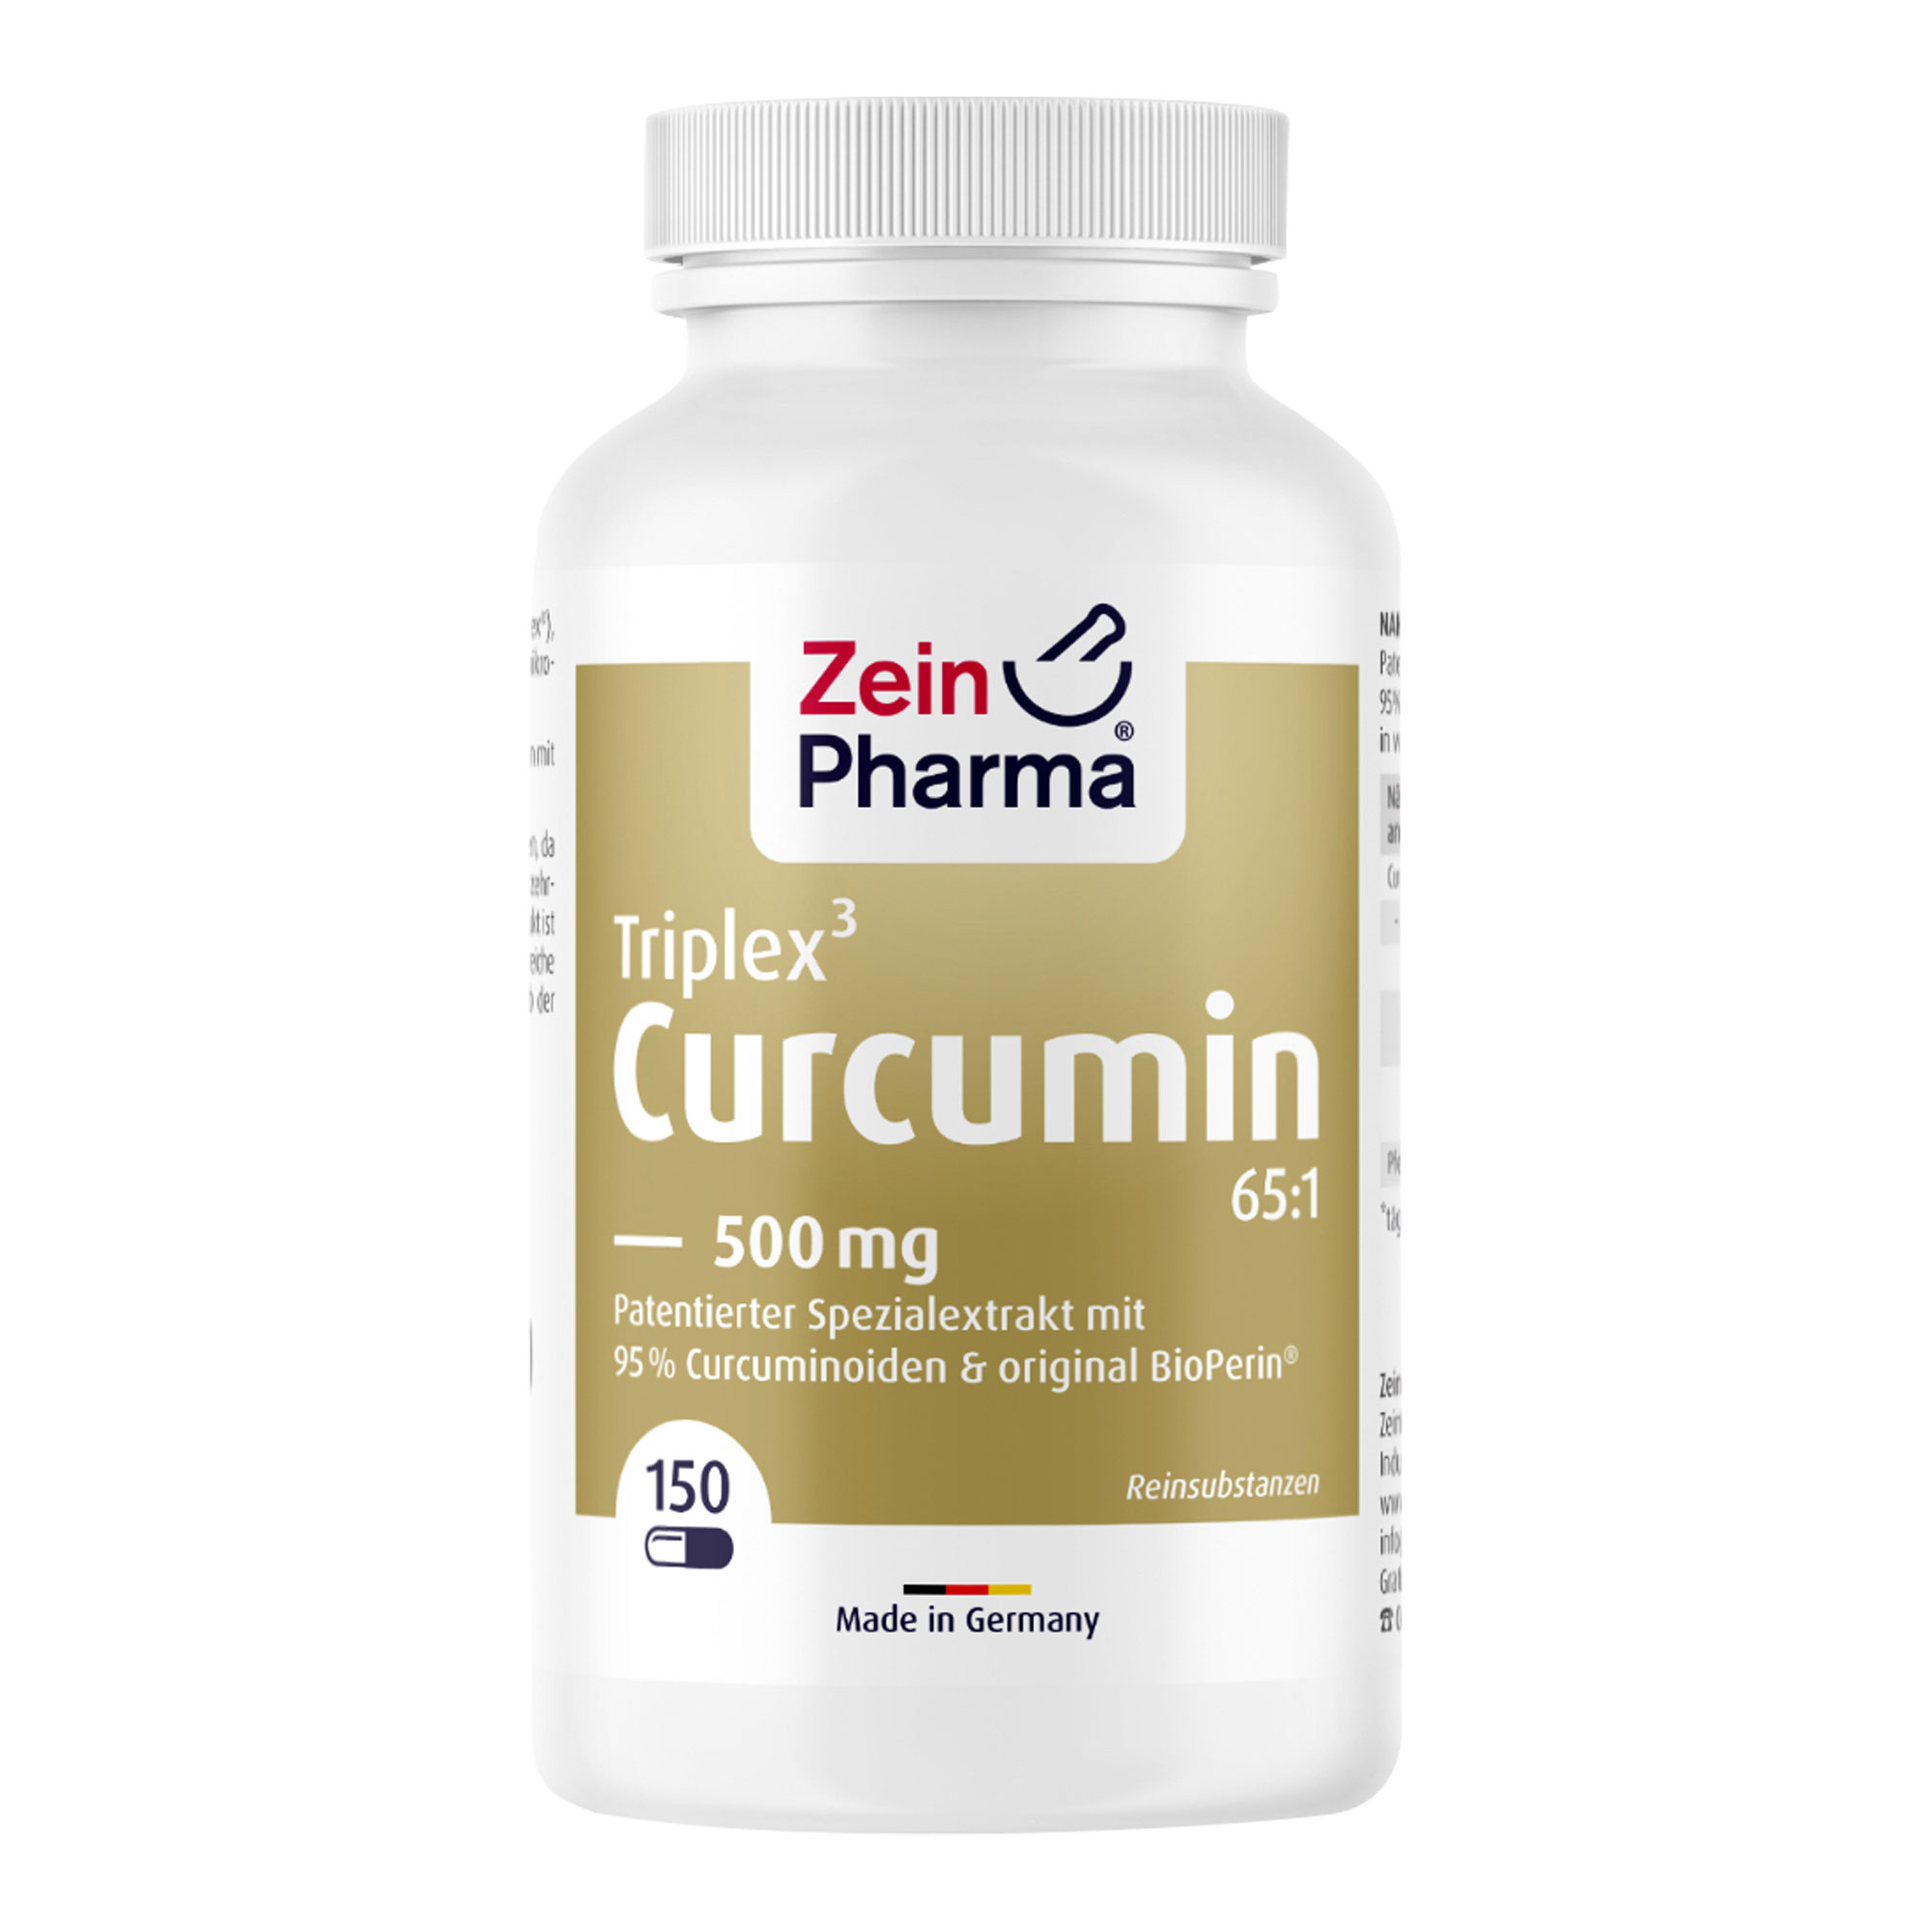 Curcumin-Triplex3 500 mg Kapseln